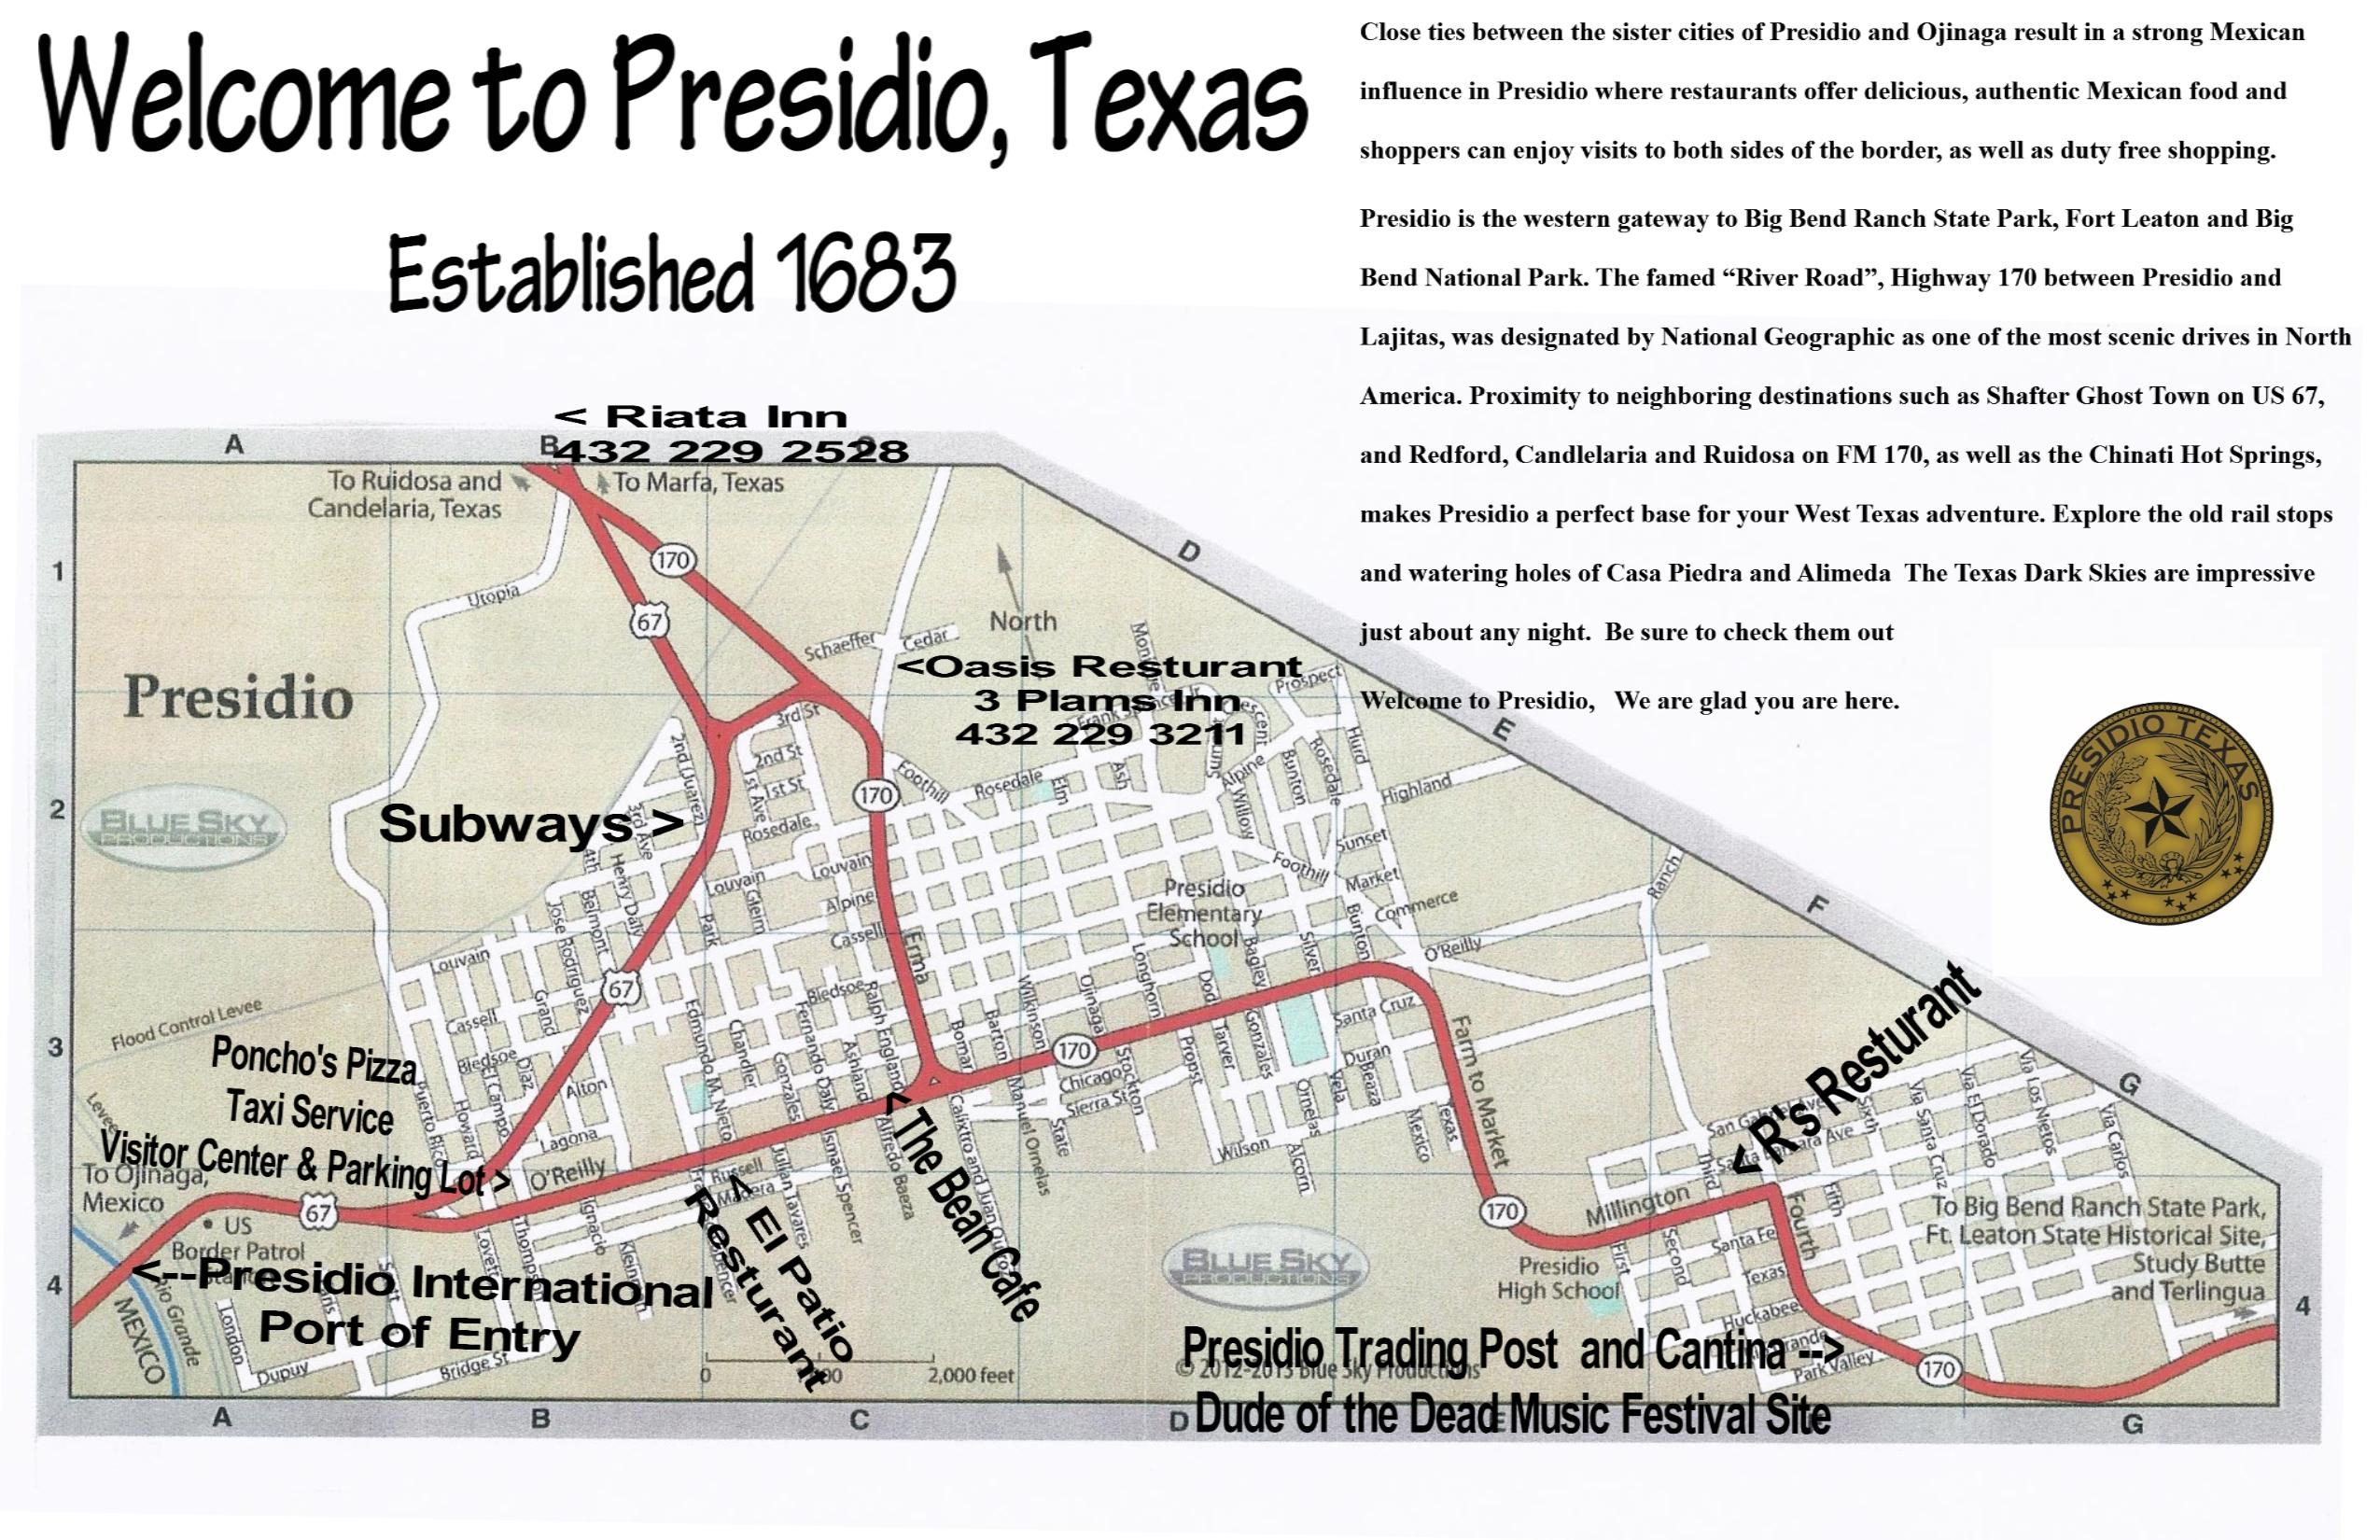 presidio-dude-map